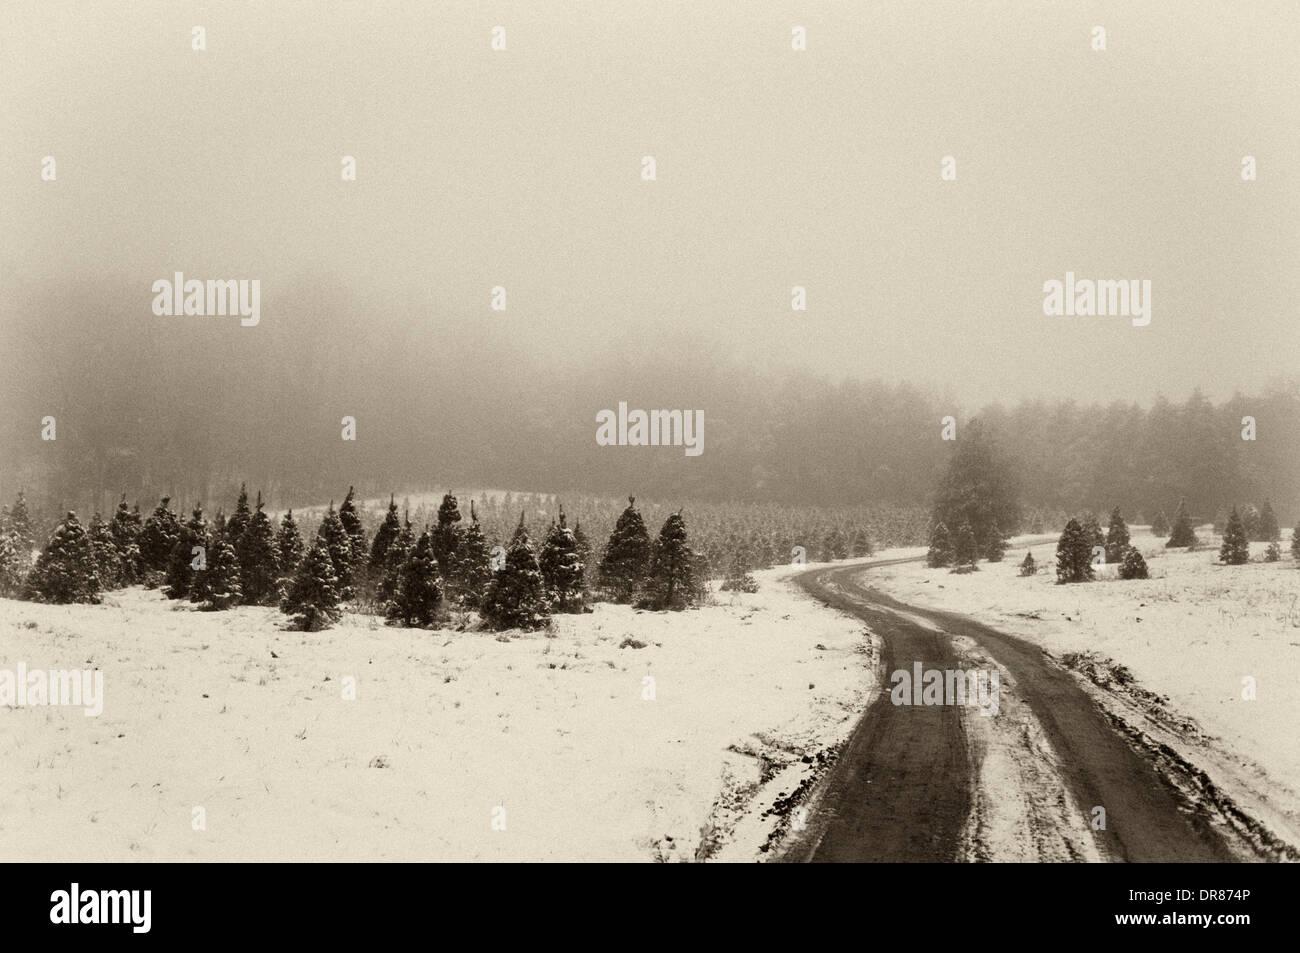 Camino a través de la granja en un árbol de Navidad con nieve y niebla por la noche en el sur de Indiana Foto de stock